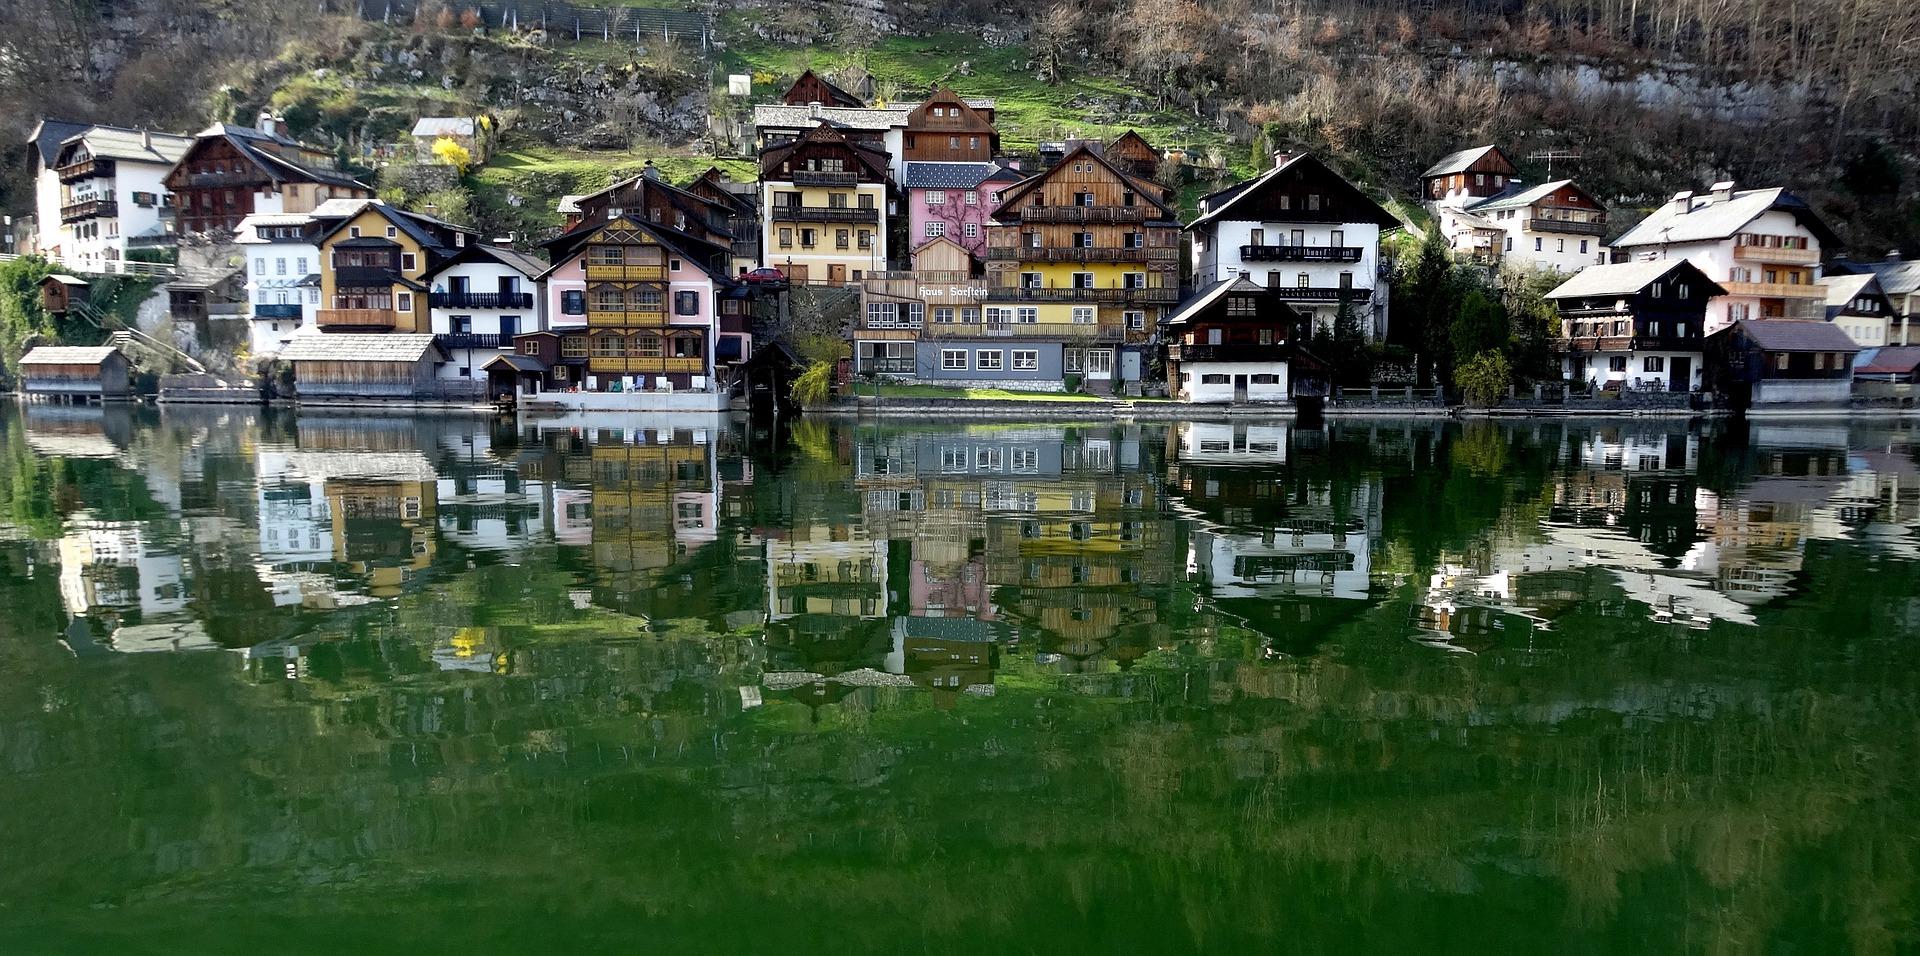 Österreich Hallstadt Häuser